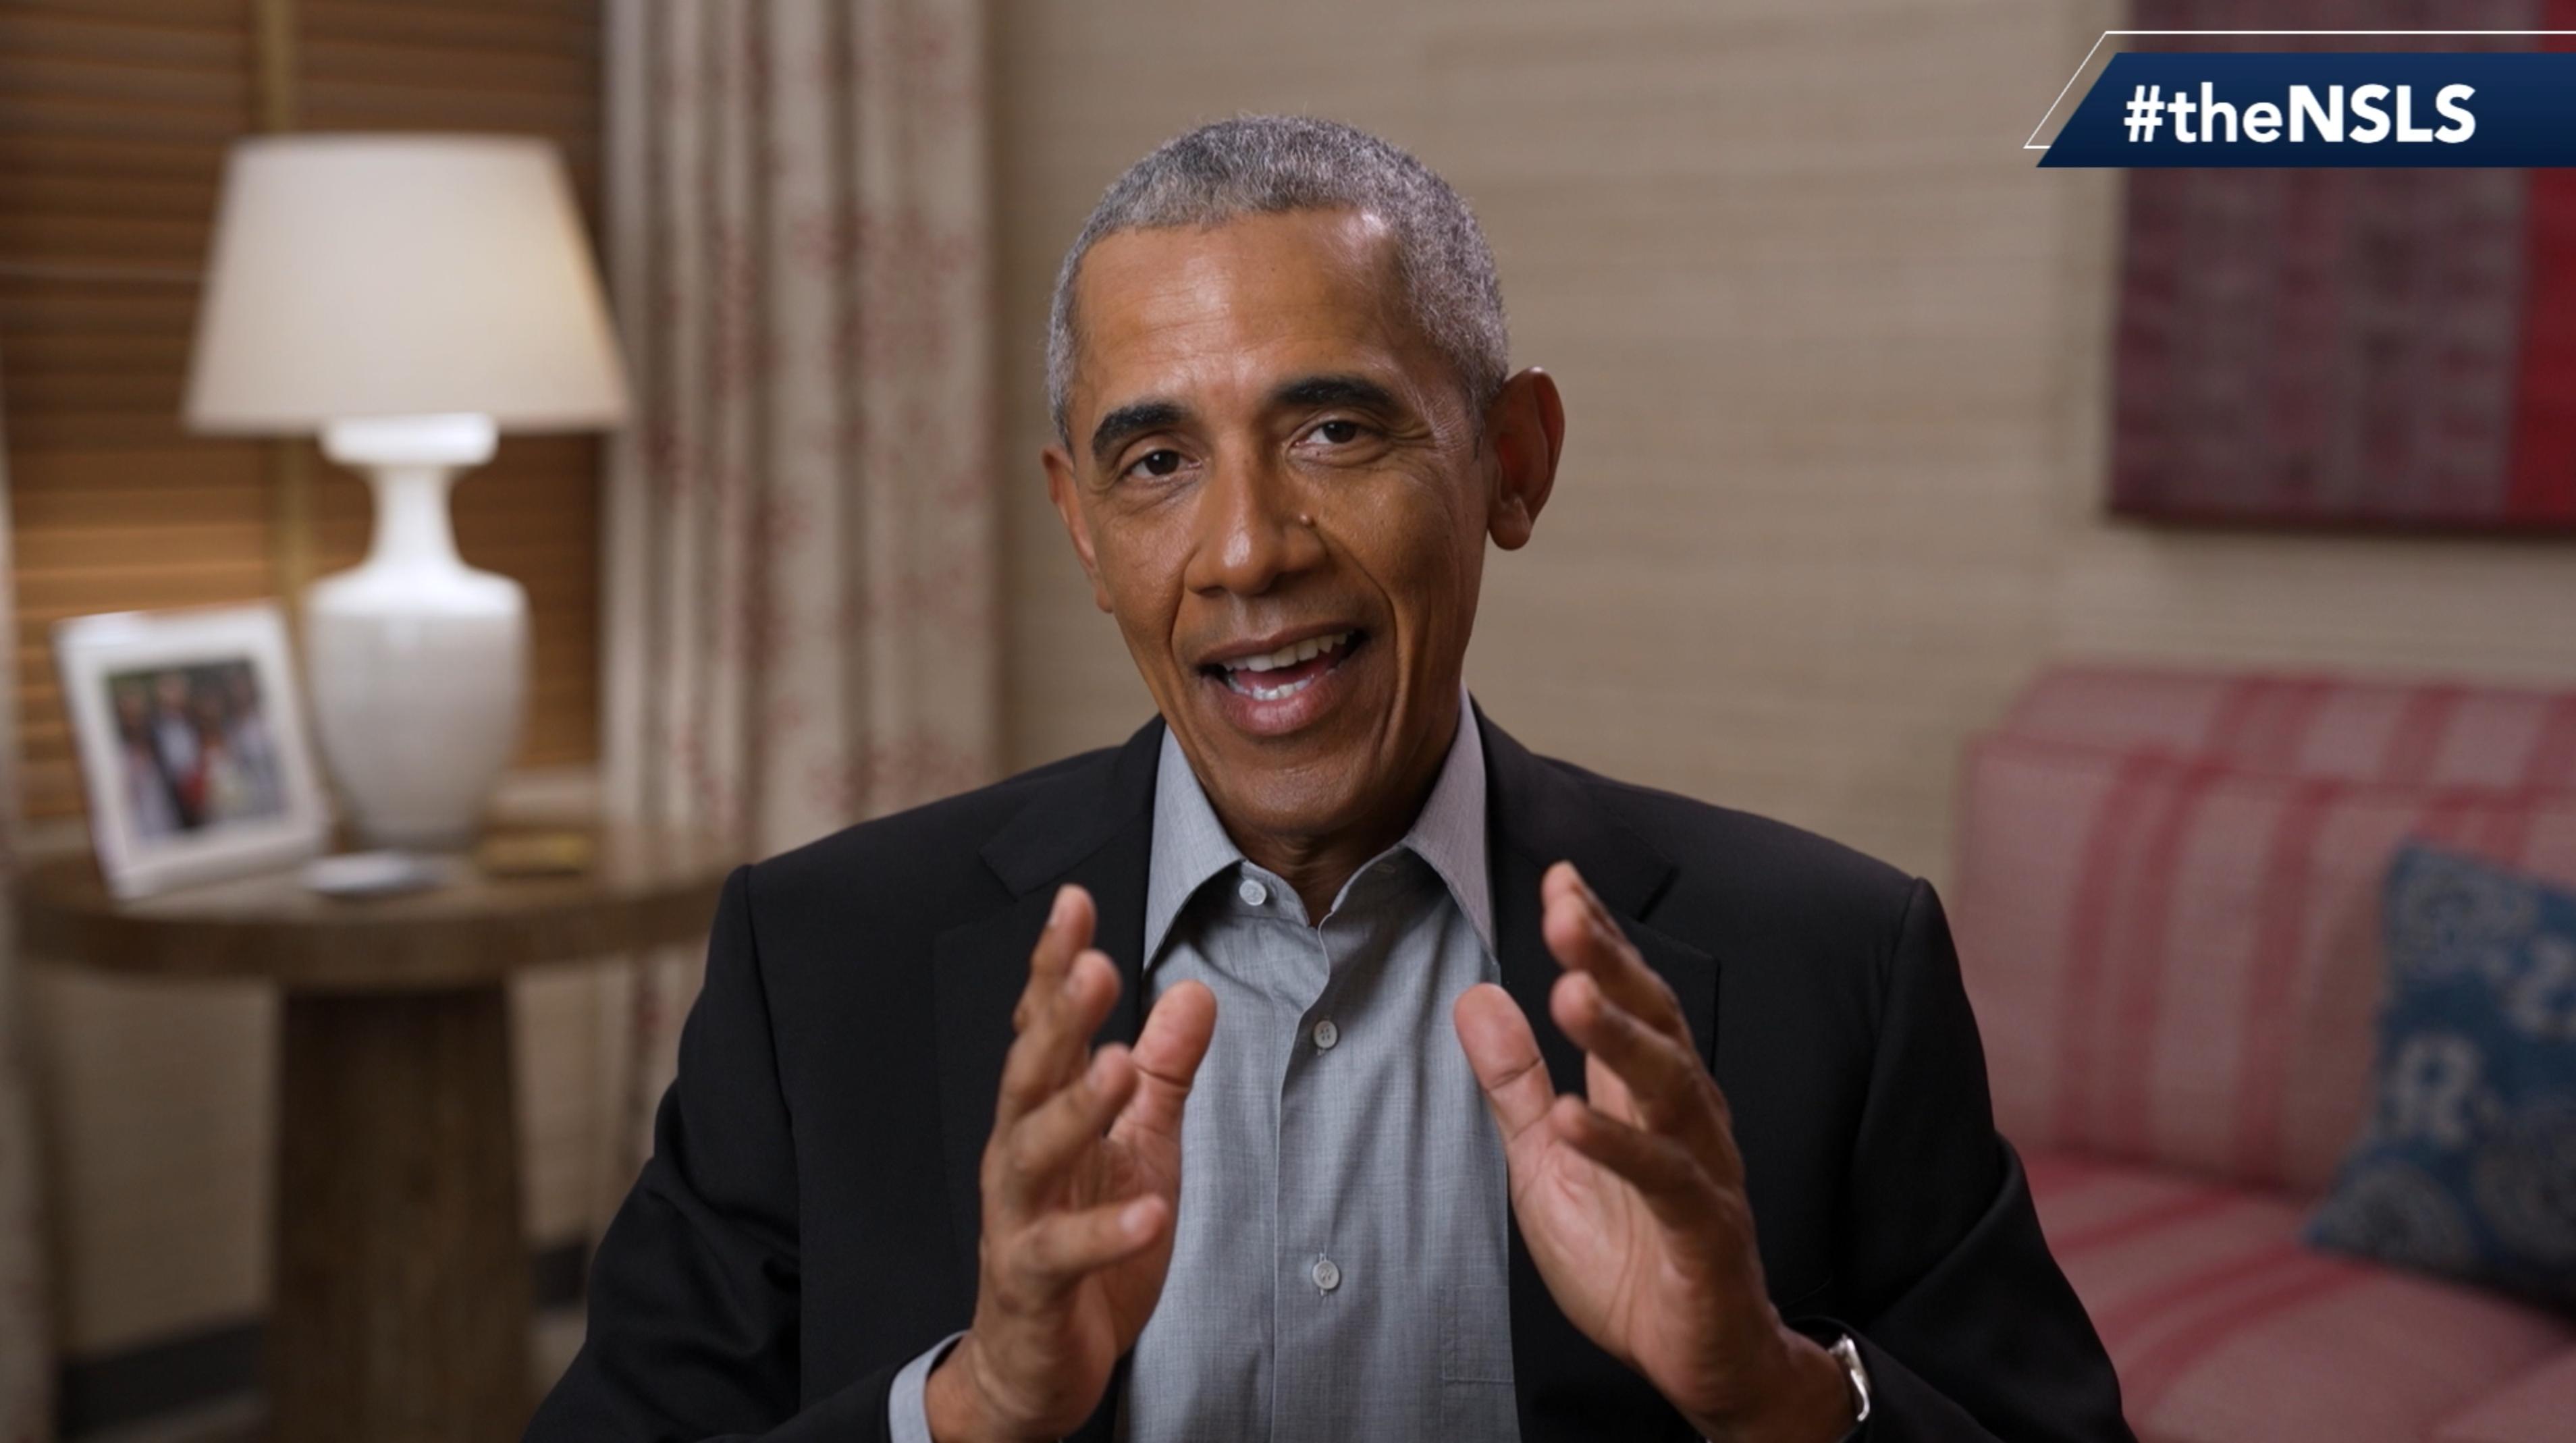 Obama Broadcast